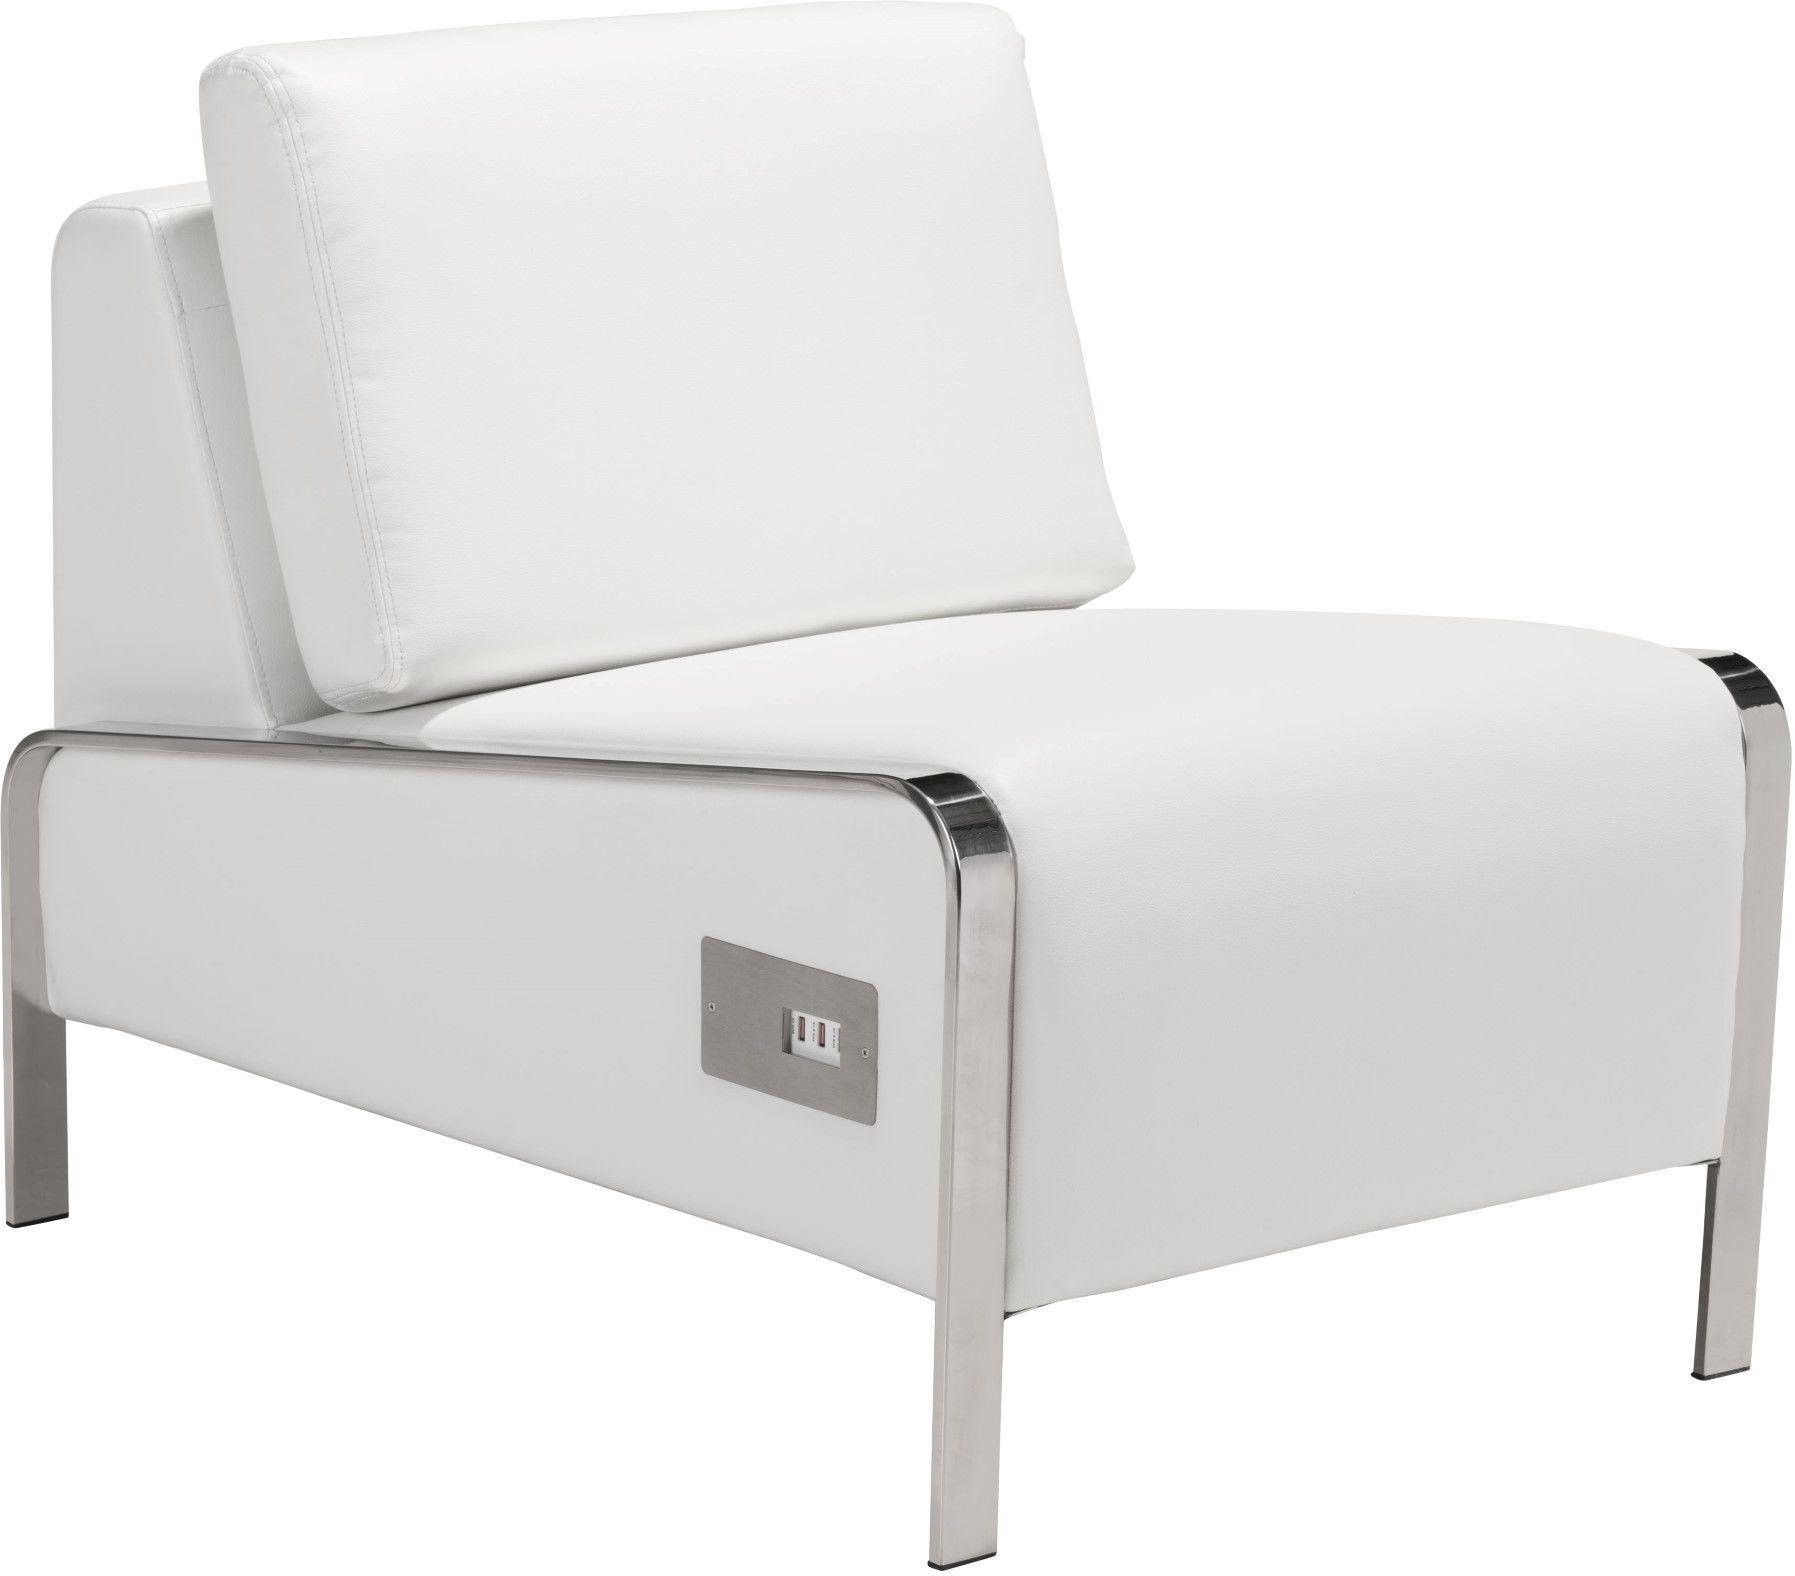 Zuo Modern Thor Armless Chair White  100676  Modern